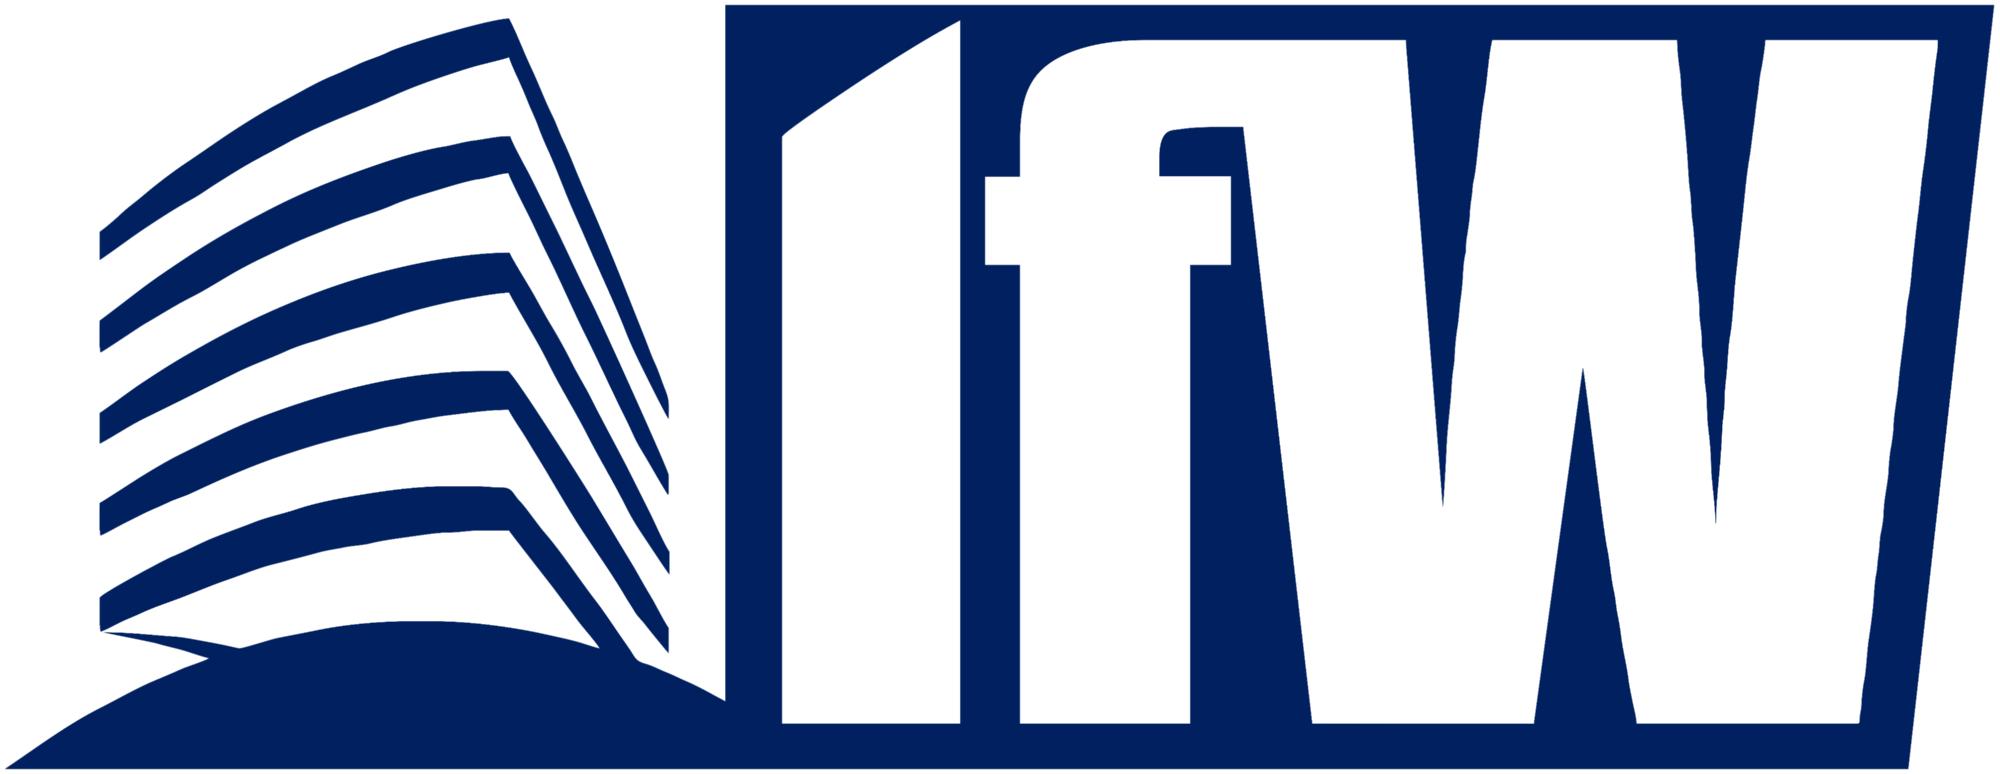 Institut für Werkzeugmaschinen